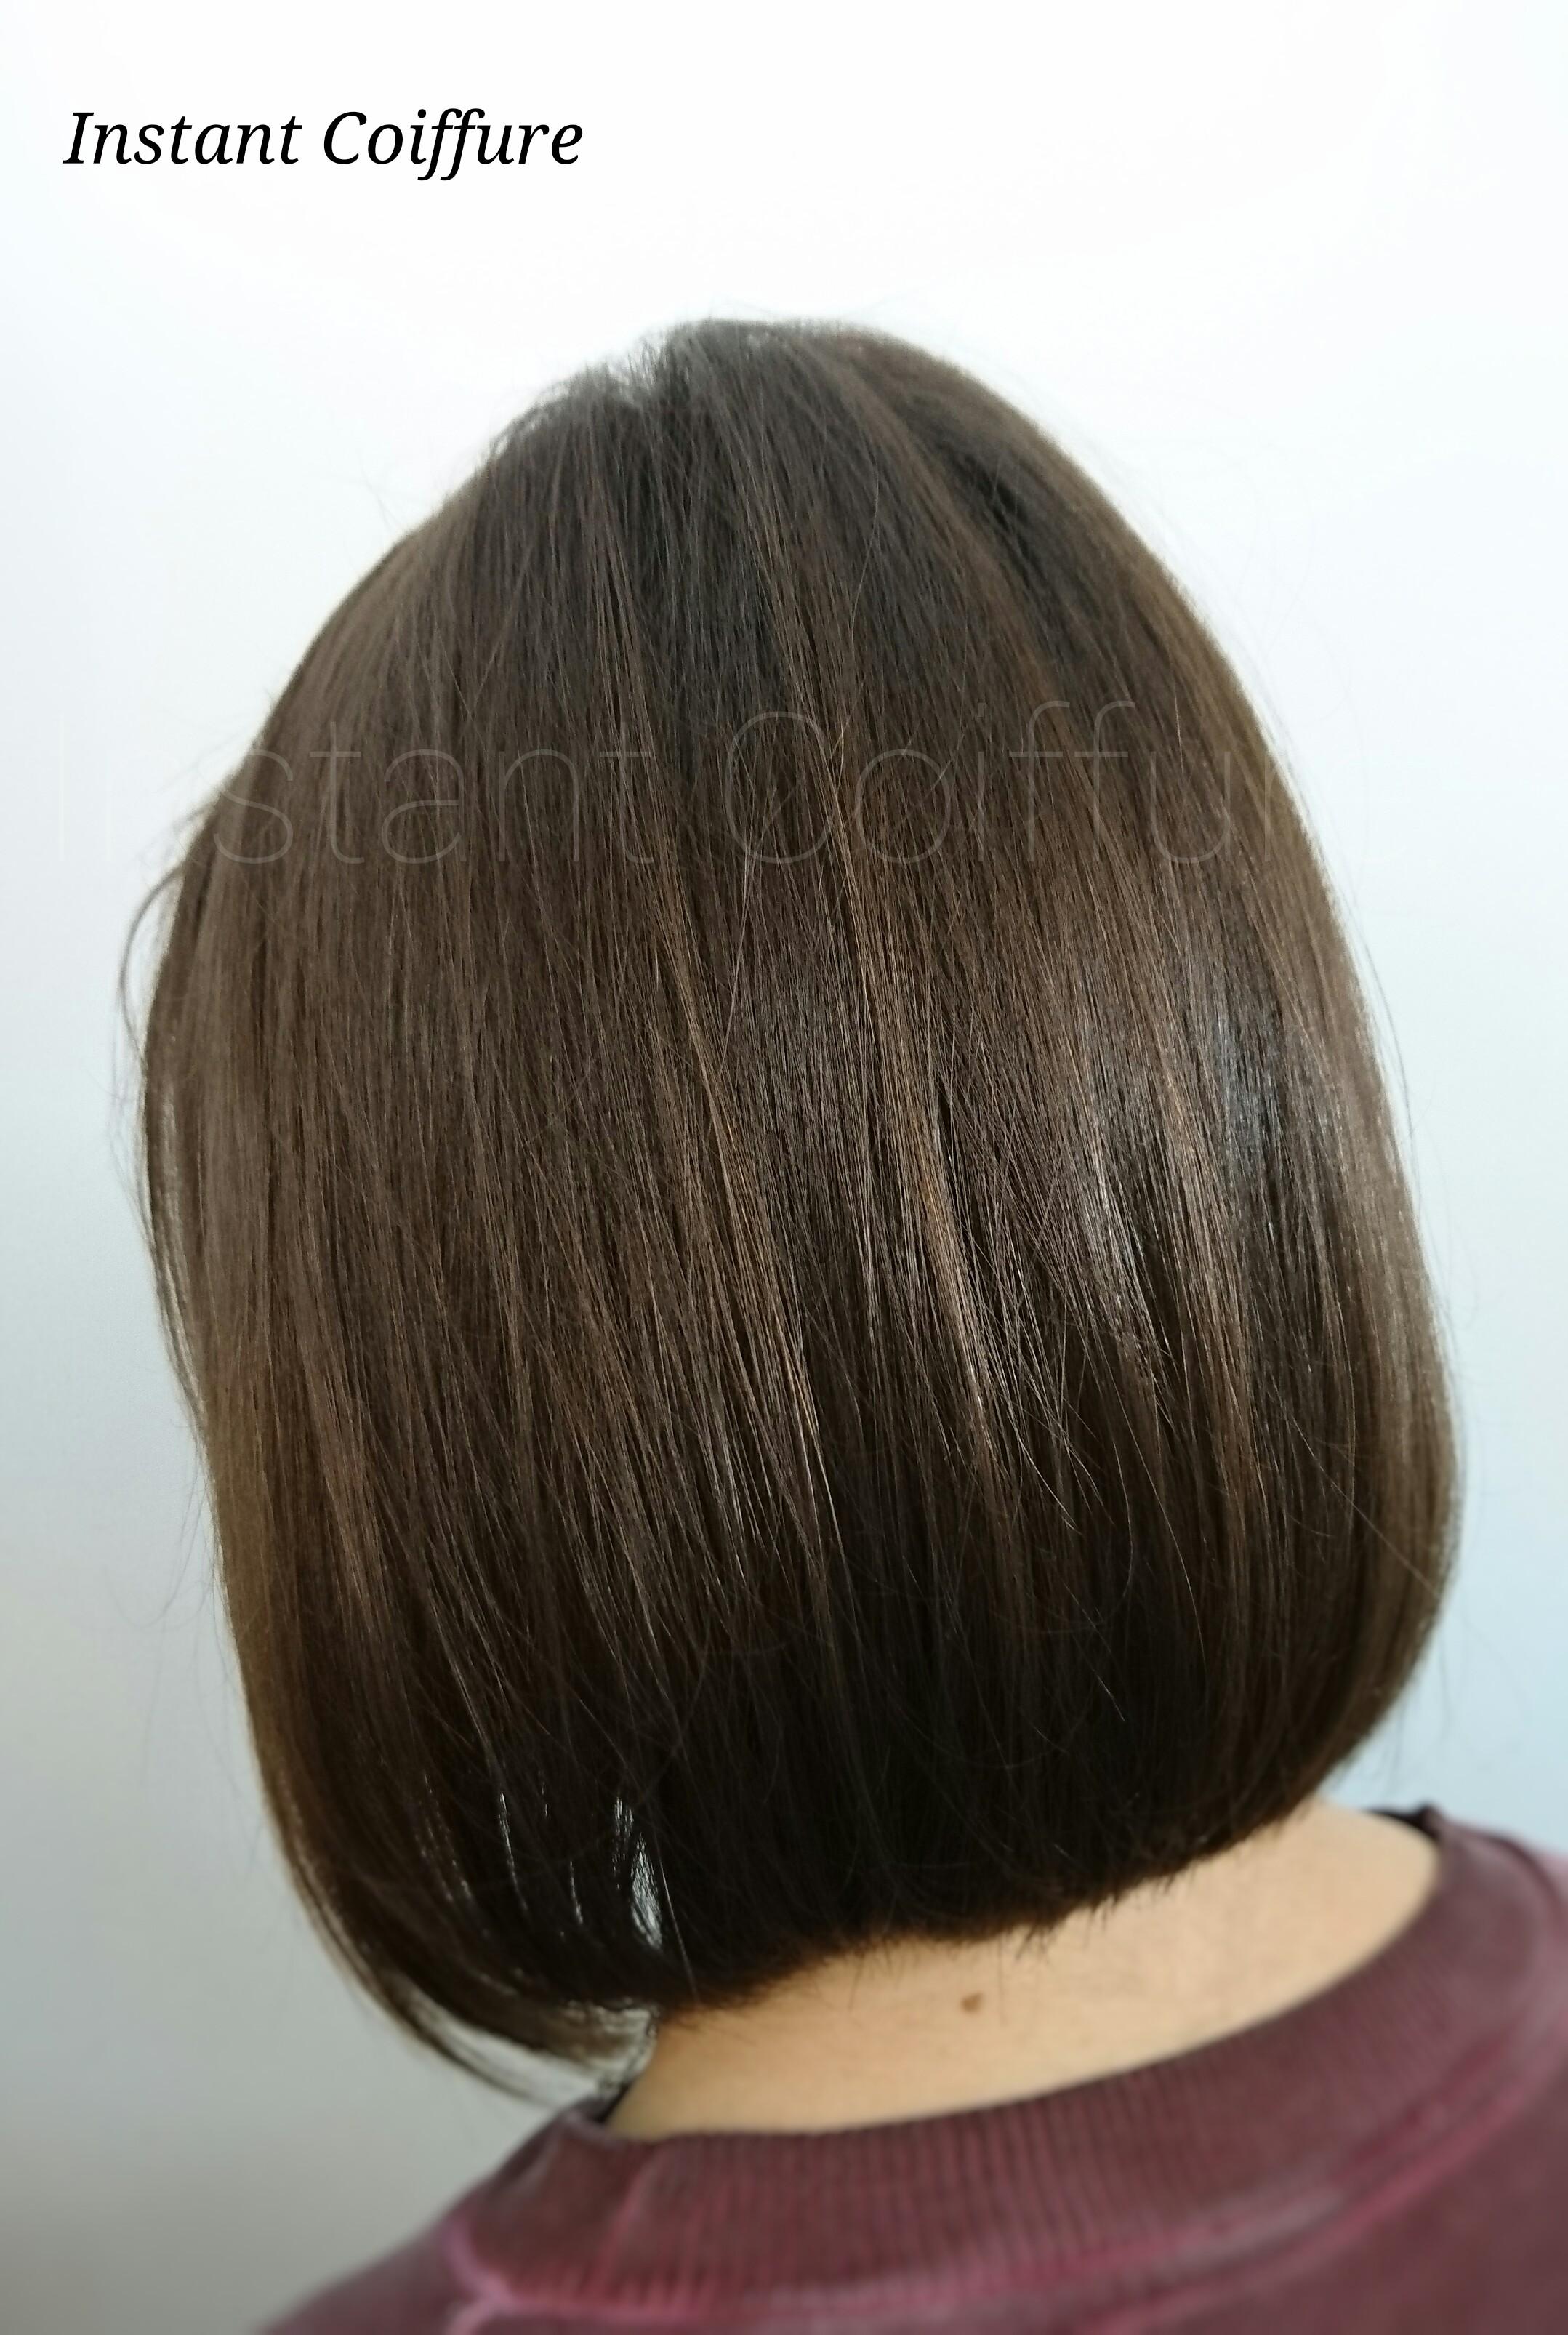 carre lara instant coiffure